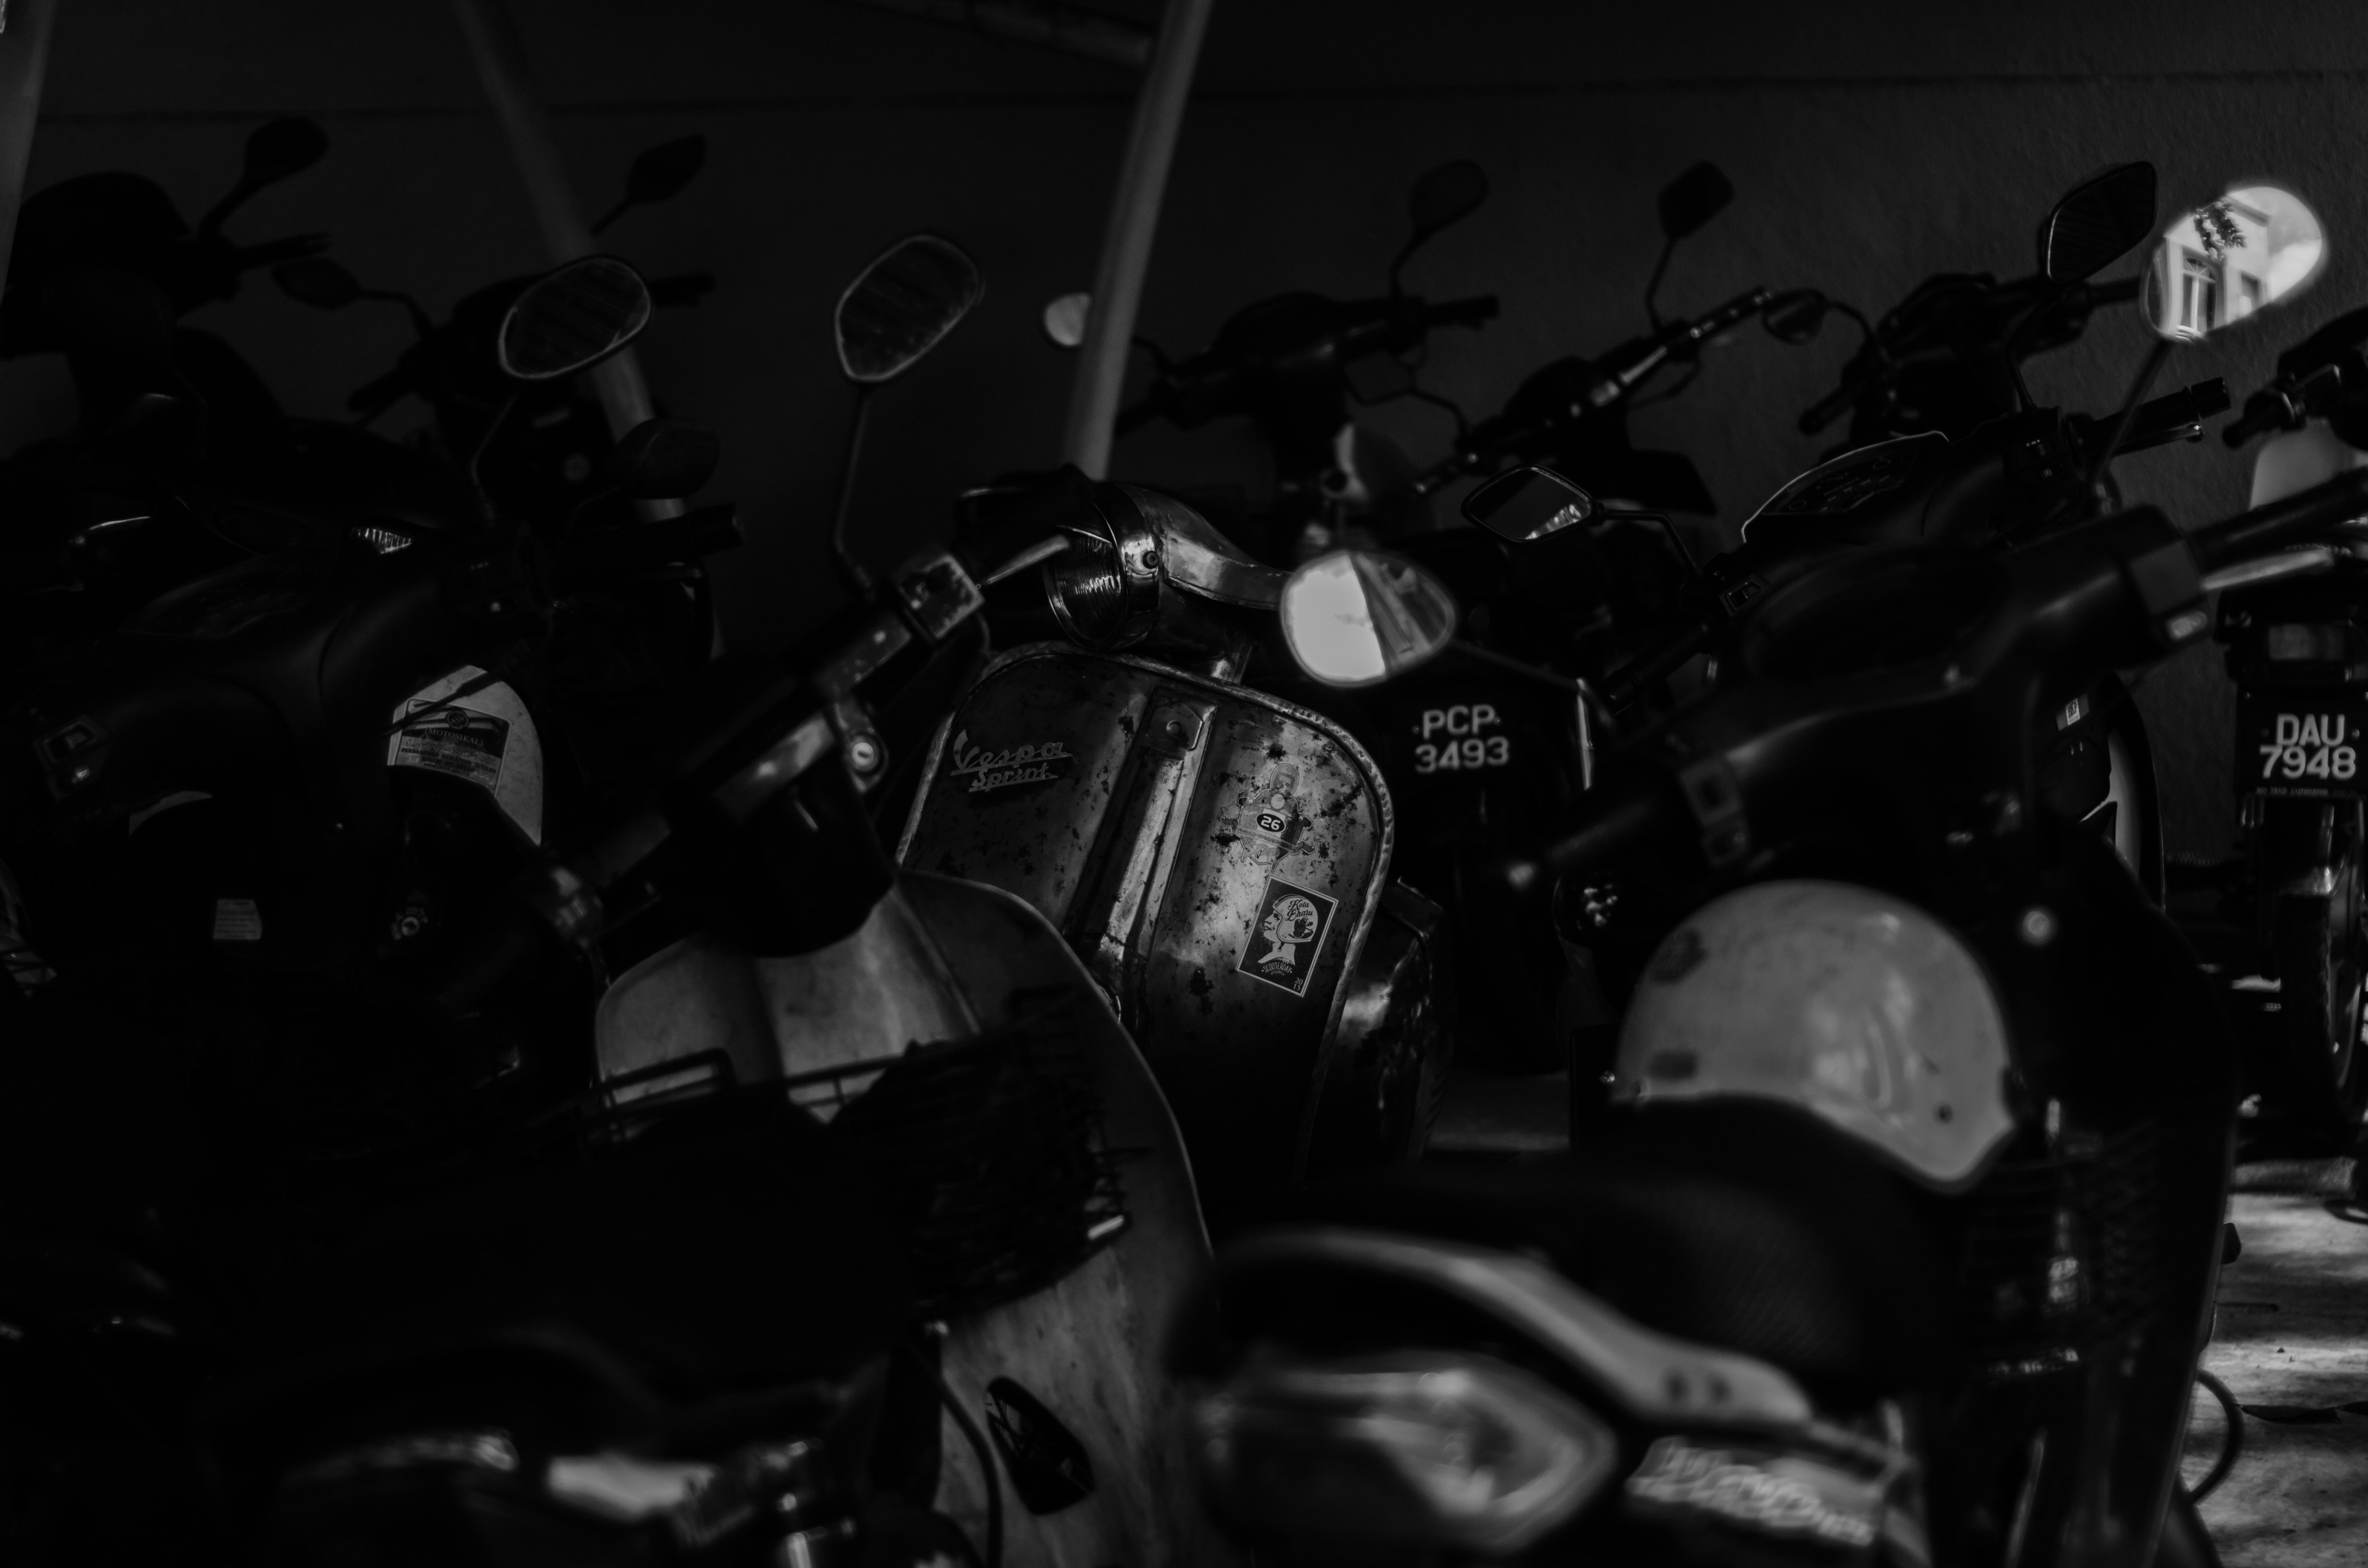 倉庫にあるバイク